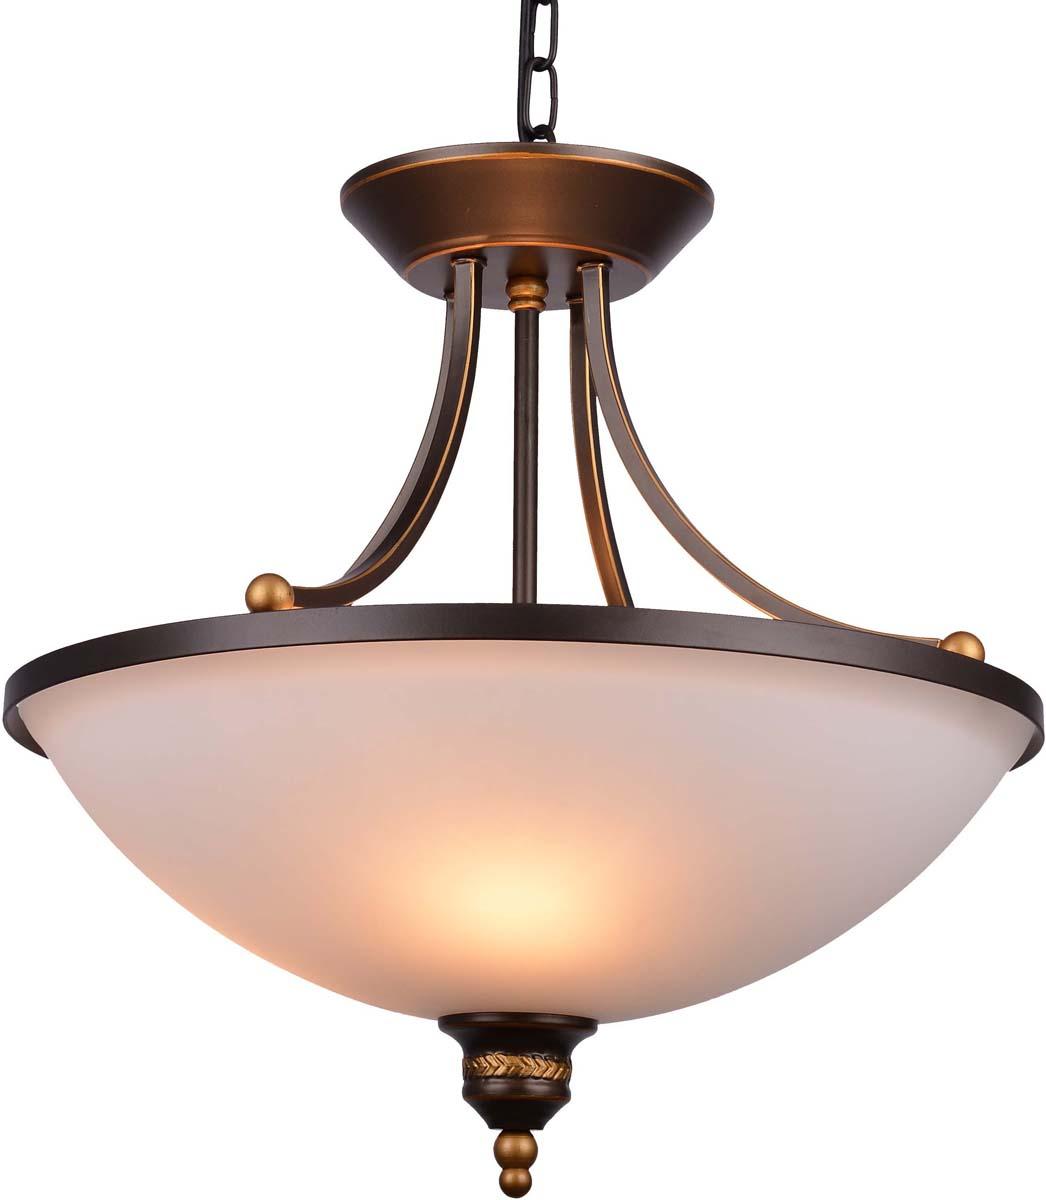 Светильник подвесной Arte Lamp Bonito, 3 х E27, 40 W. A9518SP-3BA arte lamp a3004pl 3ba